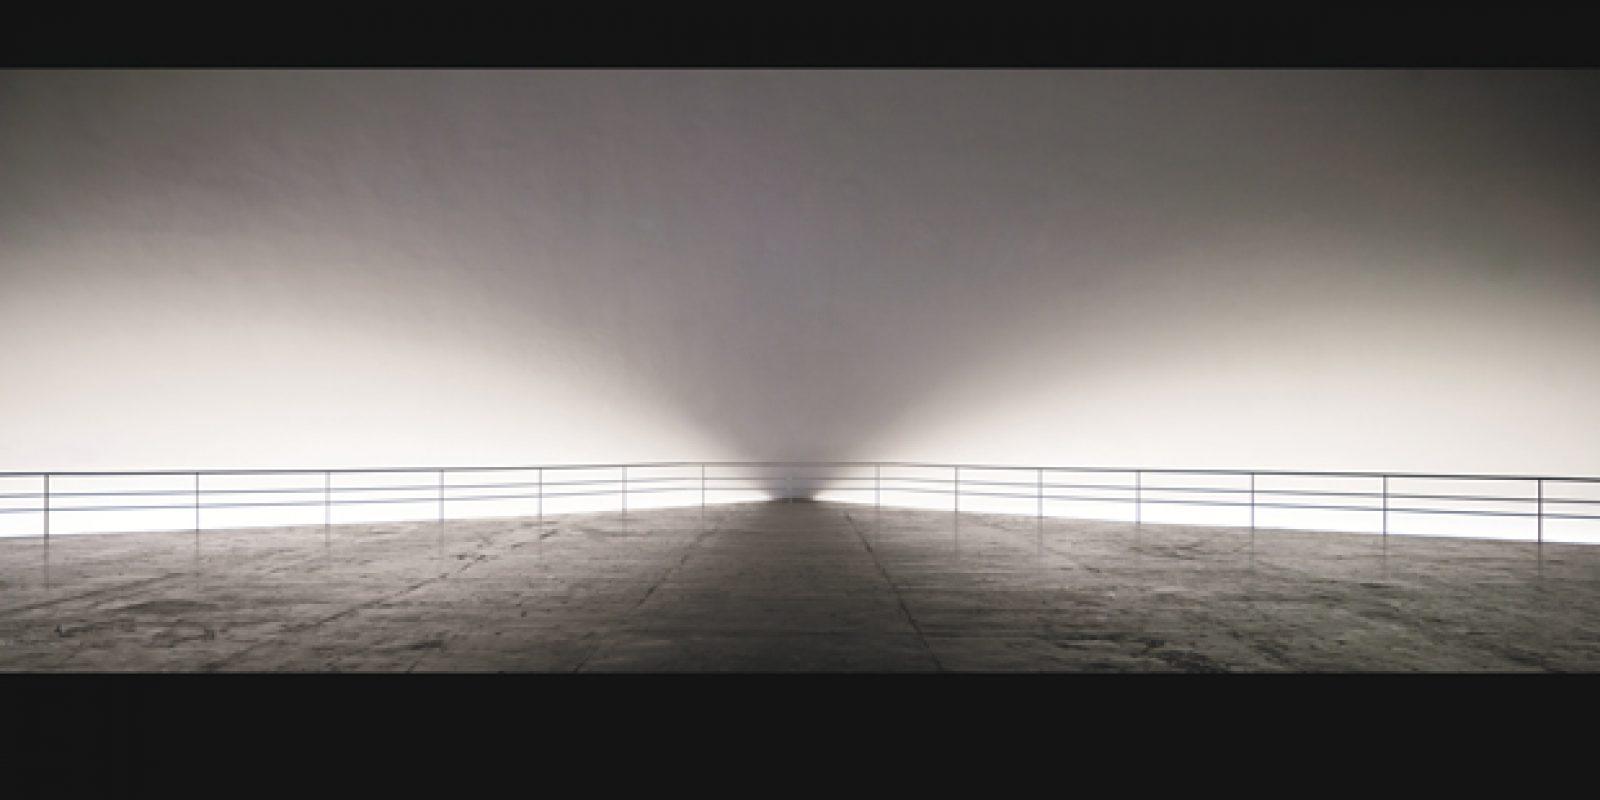 25 galerias de todo o país irão expor gratuitamente para o público cerca de 250 obras de artistas nacionais e internacionais. José Manuel Ballester, Interior da Oca I (2007) | Divugalção